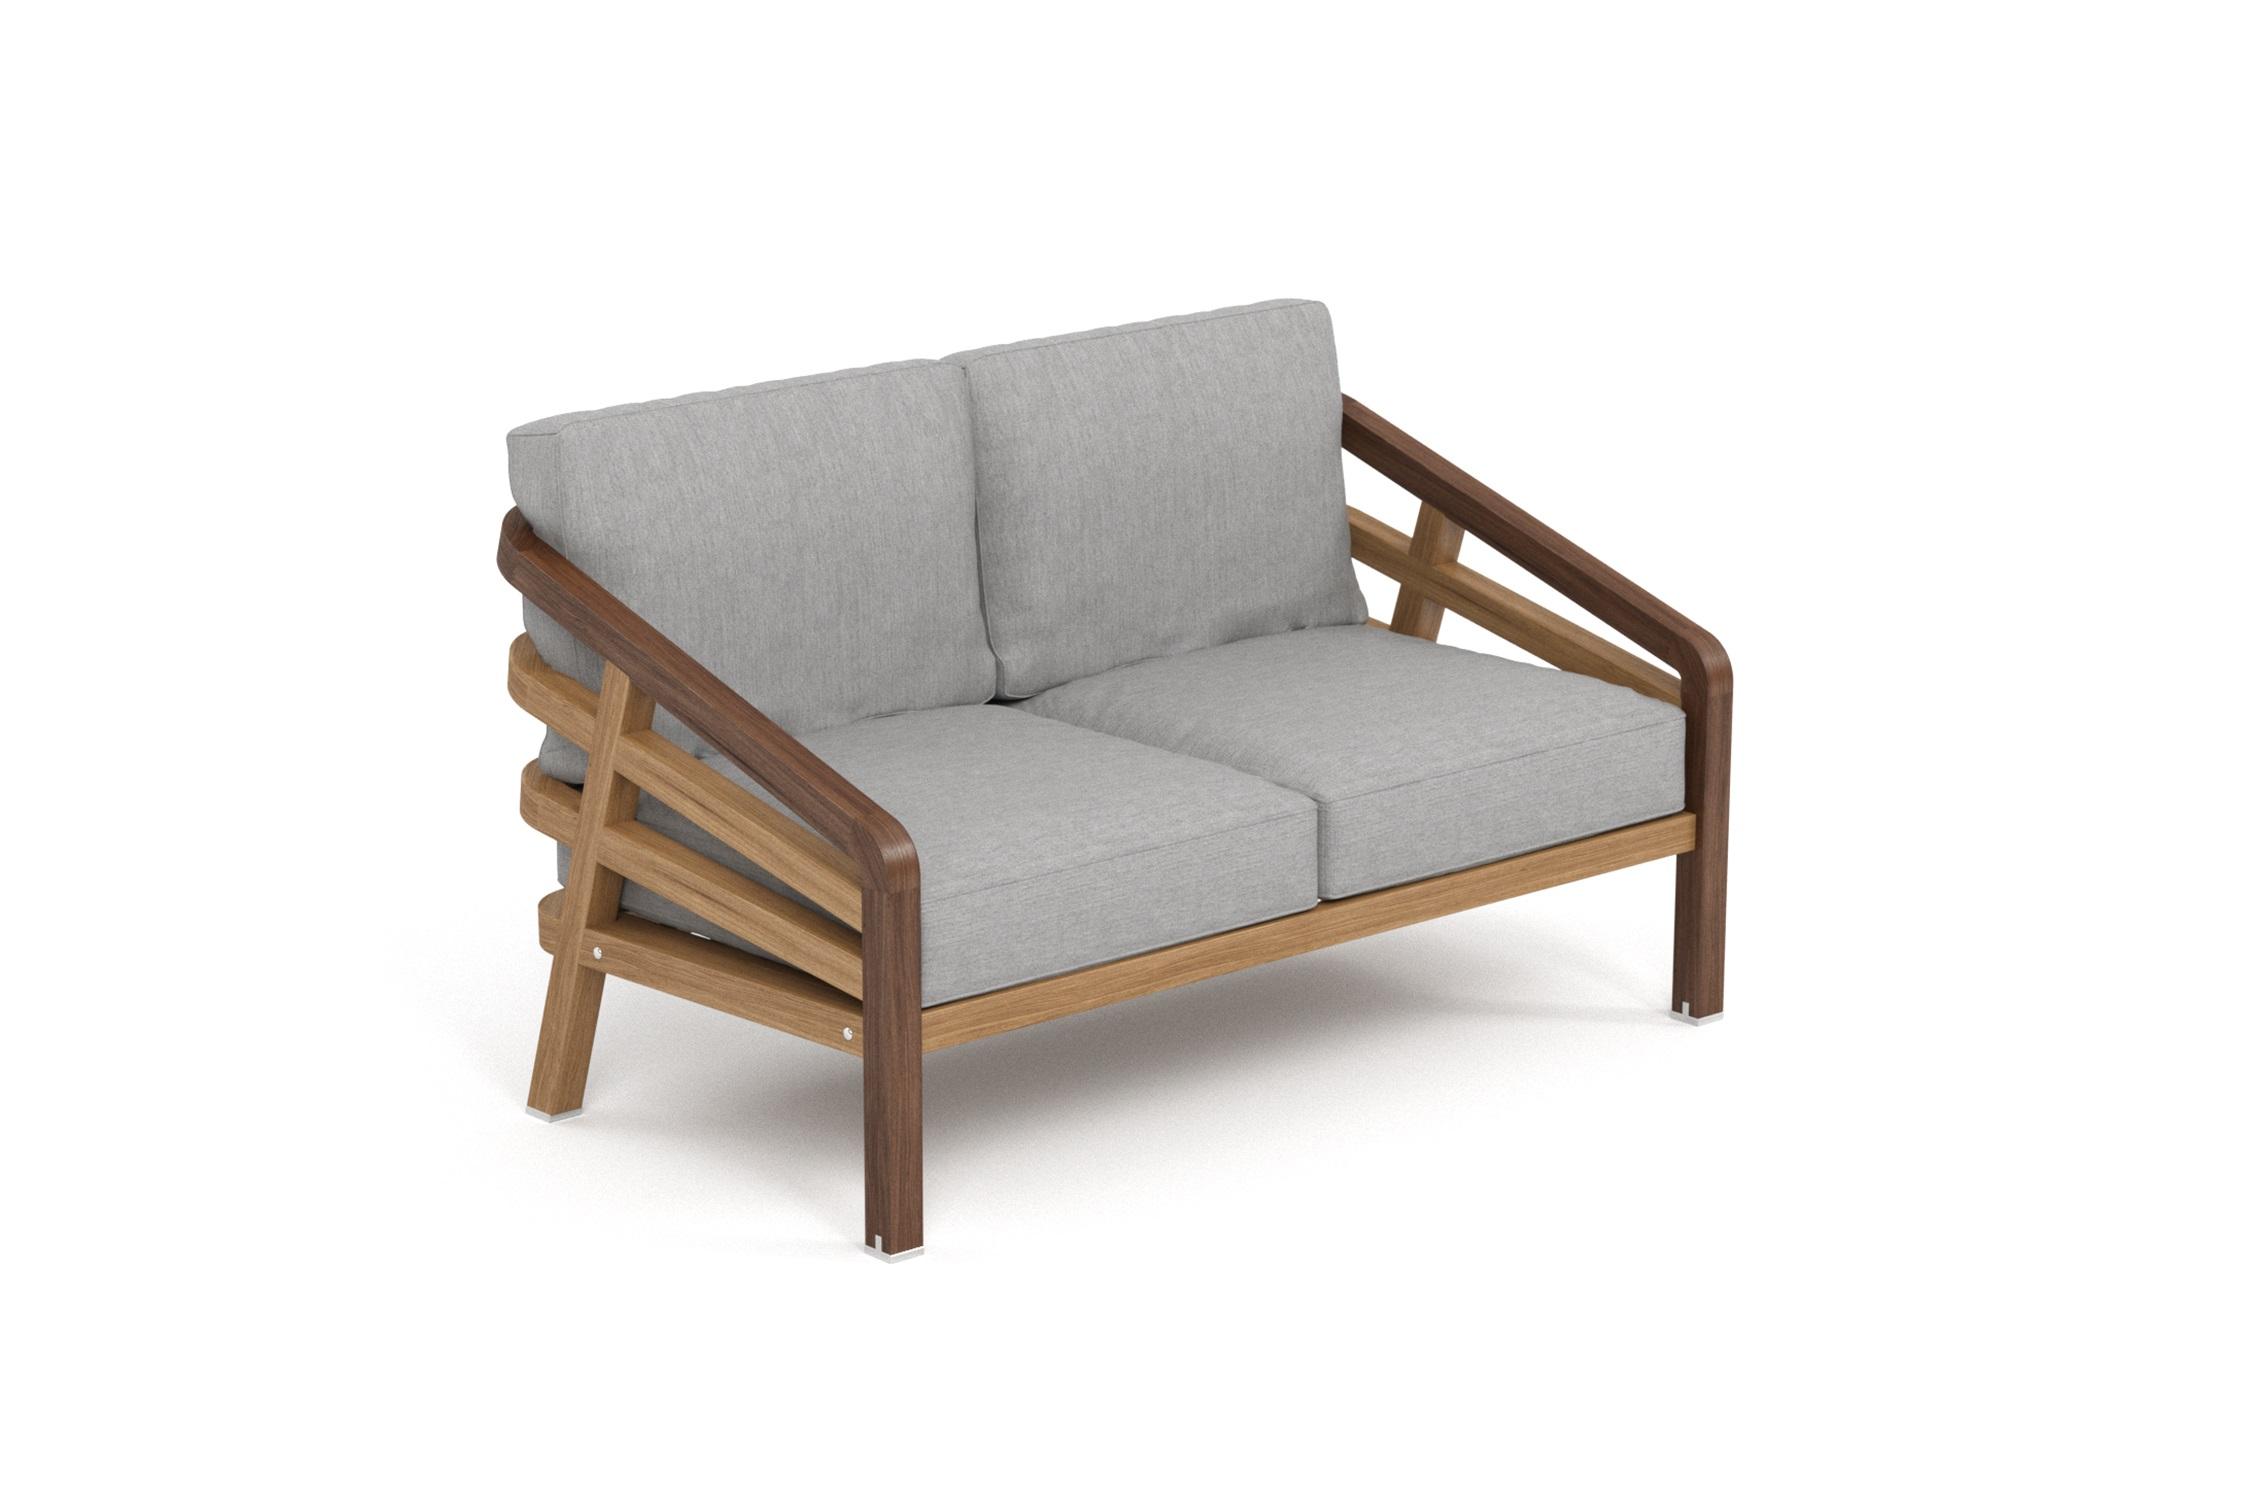 Диван LagoonДиваны и оттоманки для сада<br>&amp;lt;div&amp;gt;Коллекция LAGOON – коллекция, предназначенная для обустройства тихого уединенного места, в котором можно полностью расслабиться и забыть о суете. Дизайн продуман так, чтобы можно было выбрать множество вариаций для отдыха: загорать на шезлонге или расположиться на удобном диване, подремать в кресле или понежиться на кушетке.&amp;amp;nbsp;&amp;lt;/div&amp;gt;&amp;lt;div&amp;gt;Высота посадки:420мм.&amp;amp;nbsp;&amp;lt;/div&amp;gt;&amp;lt;div&amp;gt;&amp;lt;br&amp;gt;&amp;lt;/div&amp;gt;&amp;lt;div&amp;gt;Тик – прочная и твердая древесина, относится к ценным породам. Мебель из тика допускает круглогодичную эксплуатацию на открытом воздухе, выдерживает перепады температур от –30 до +30С. Срок службы более 25 лет.&amp;amp;nbsp;&amp;lt;/div&amp;gt;&amp;lt;div&amp;gt;Sunbrella® – акриловая ткань с водоотталкивающими свойствами от мирового лидера в производстве тканей для яхт. Ткани Sunbrella изготавливаются из окрашиваемого в растворе акрилового волокна. Обработка, препятствующая образованию пятен, защищает ткани Sunbrella, которые допускают машинную стирку и обеспечивают защиту от УФ-лучей&amp;lt;/div&amp;gt;&amp;lt;div&amp;gt;&amp;lt;br&amp;gt;&amp;lt;/div&amp;gt;&amp;lt;iframe width=&amp;quot;530&amp;quot; height=&amp;quot;300&amp;quot; src=&amp;quot;https://www.youtube.com/embed/uL9Kujh07kc&amp;quot; frameborder=&amp;quot;0&amp;quot; allowfullscreen=&amp;quot;&amp;quot;&amp;gt;&amp;lt;/iframe&amp;gt;<br><br>Material: Тик<br>Ширина см: 130<br>Высота см: 83<br>Глубина см: 76